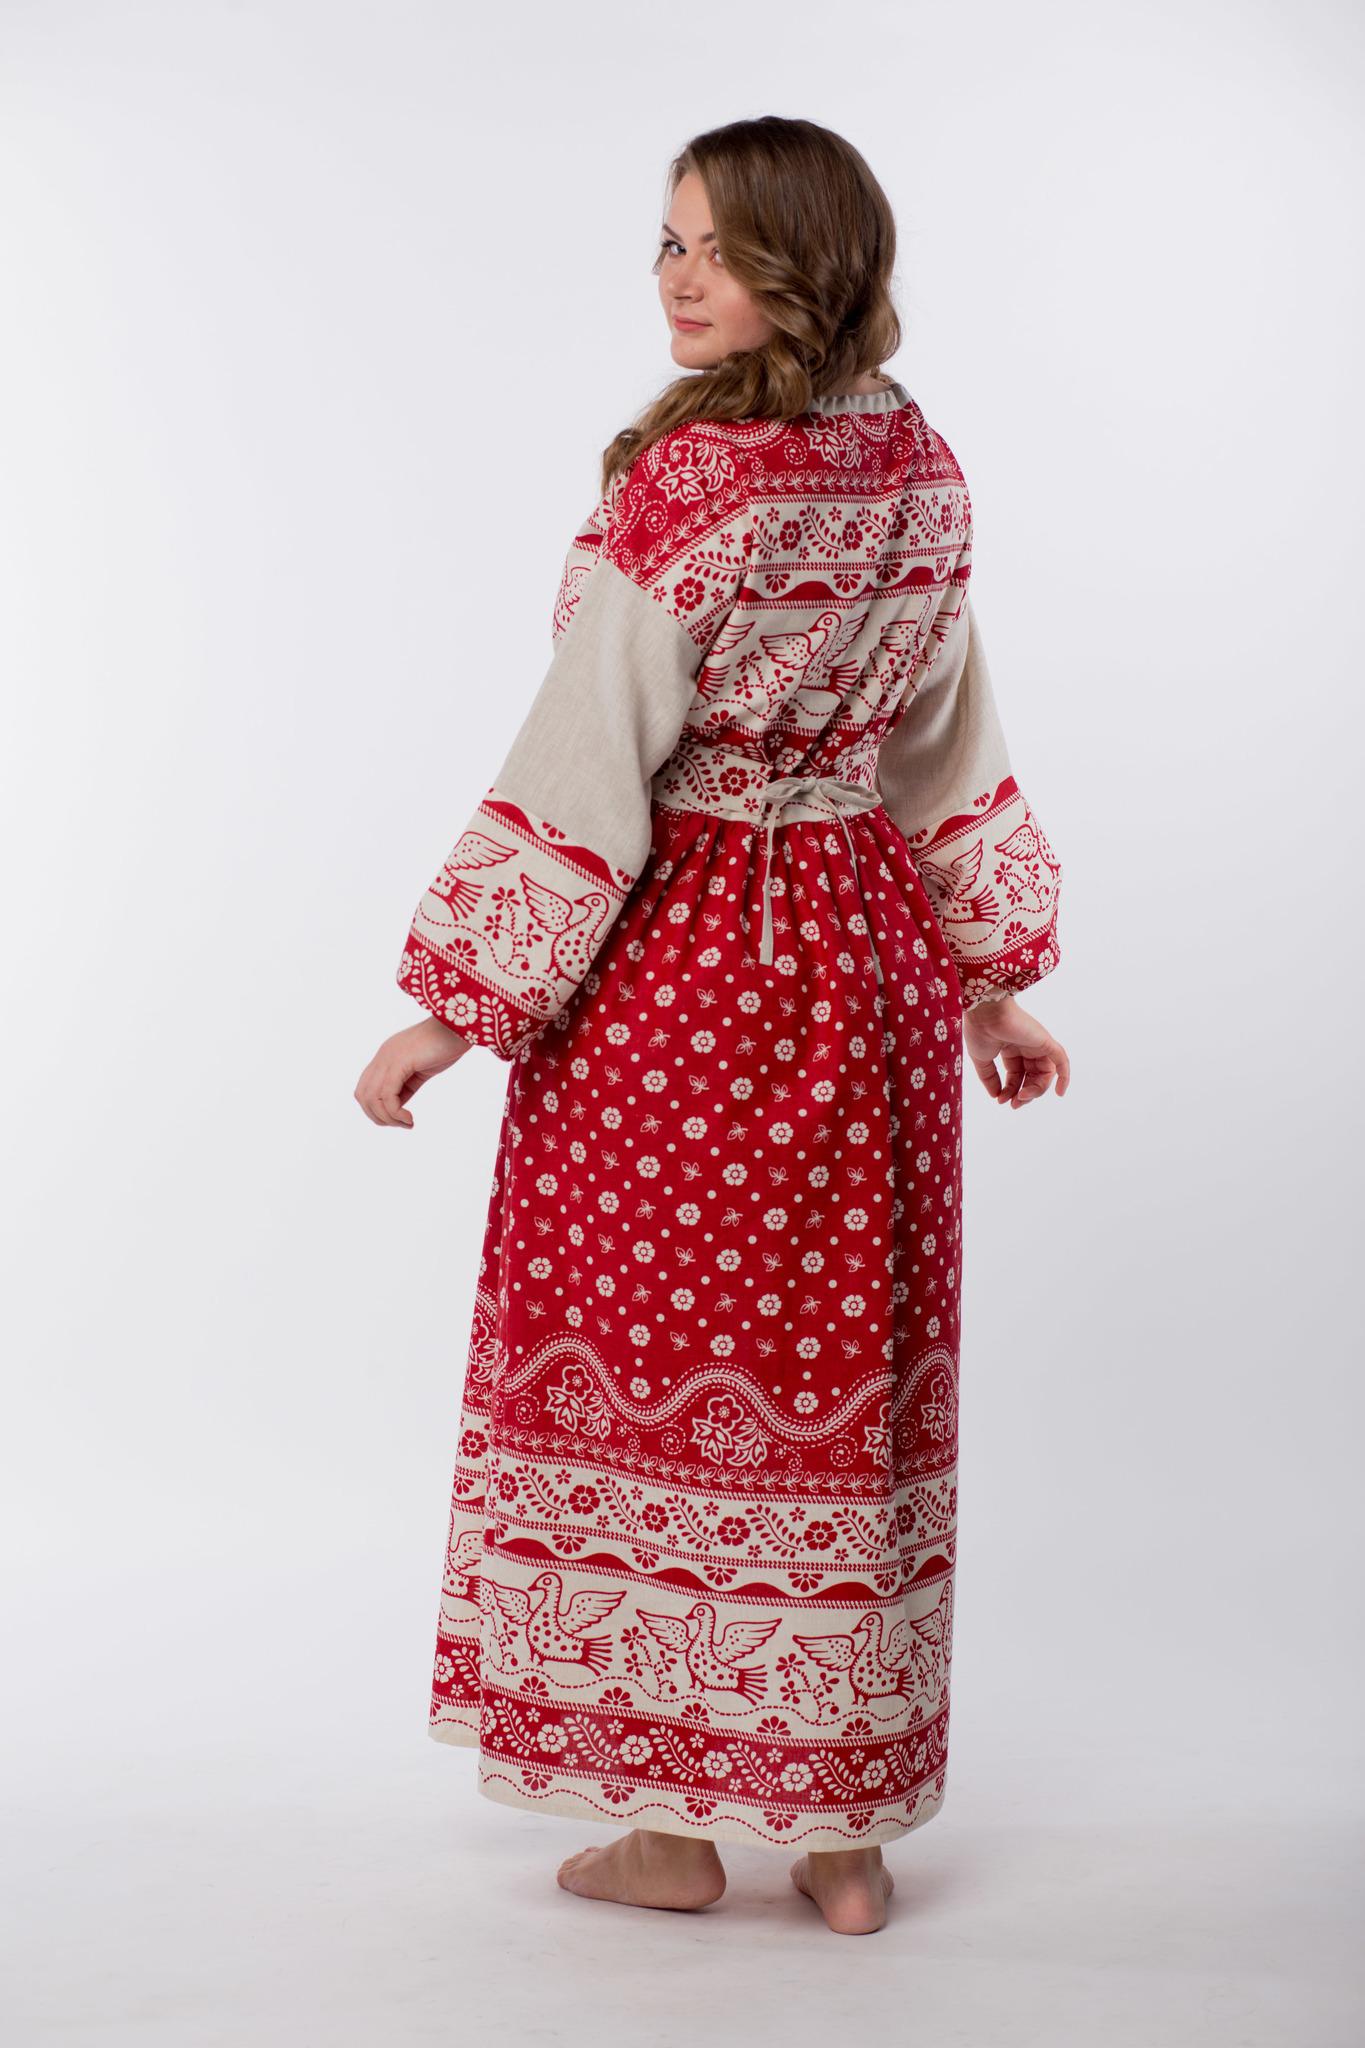 Платье льняное Певчее размер 50-52 вид сзади